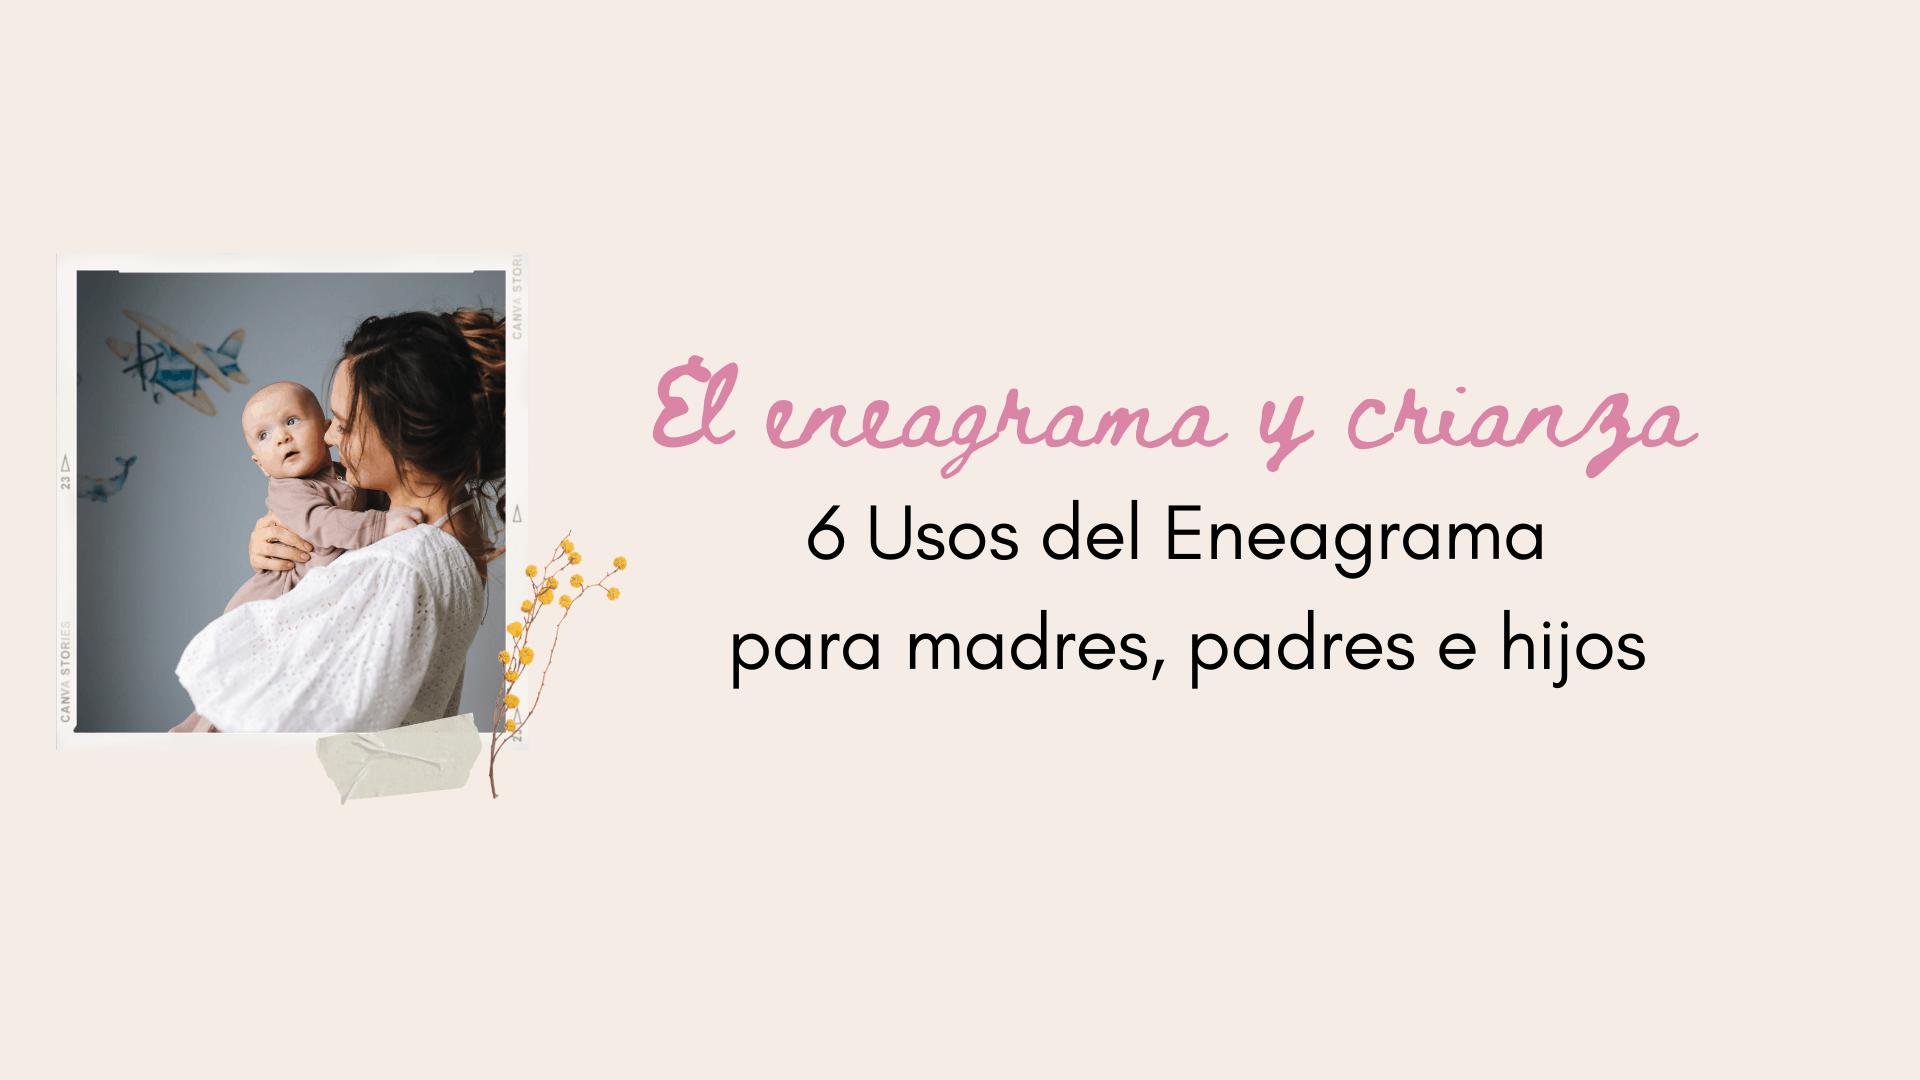 Eneagrama_crianza_hijos_beneficios